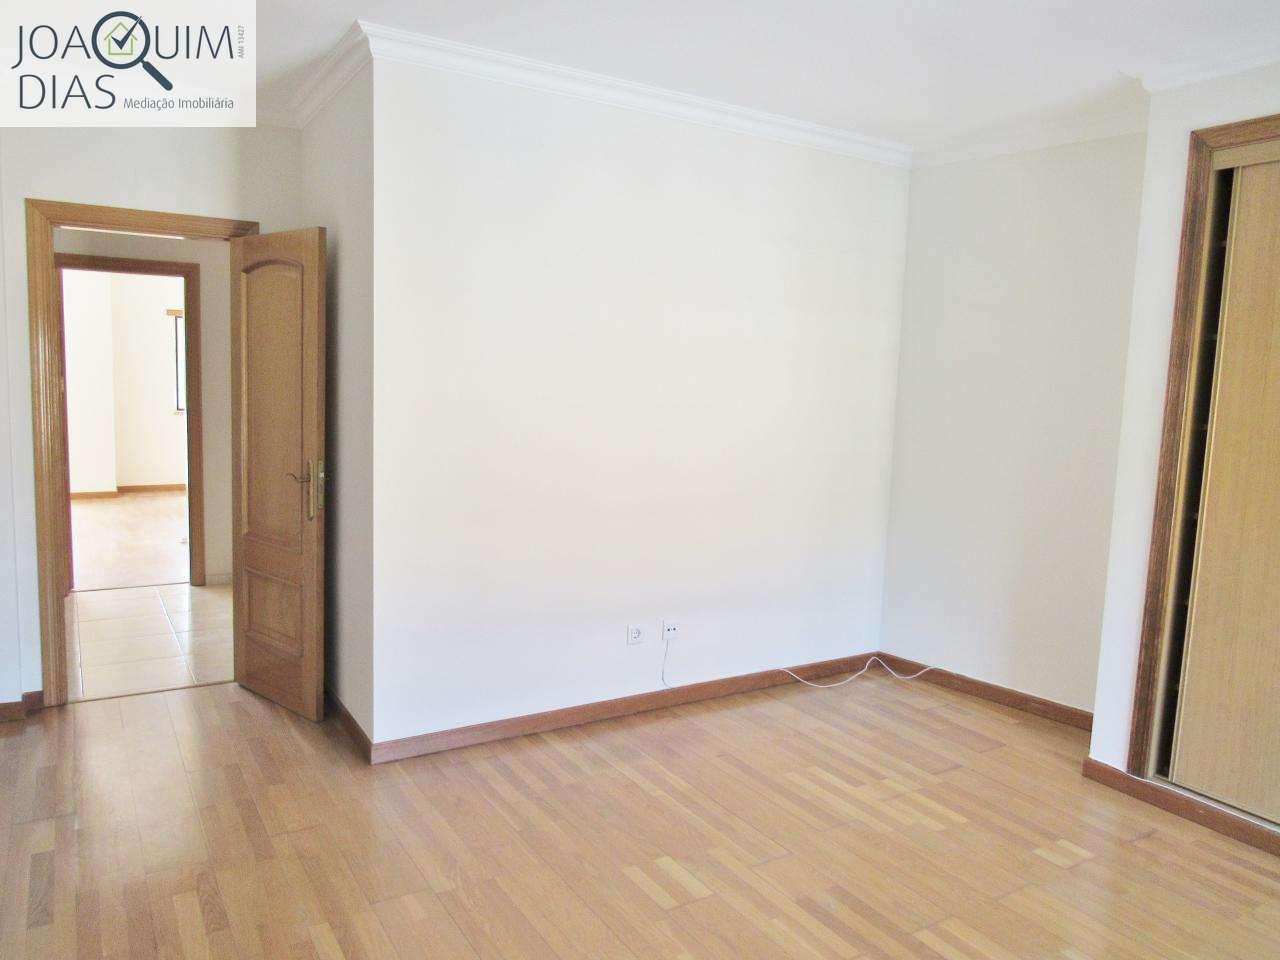 Apartamento para comprar, Malveira e São Miguel de Alcainça, Lisboa - Foto 20